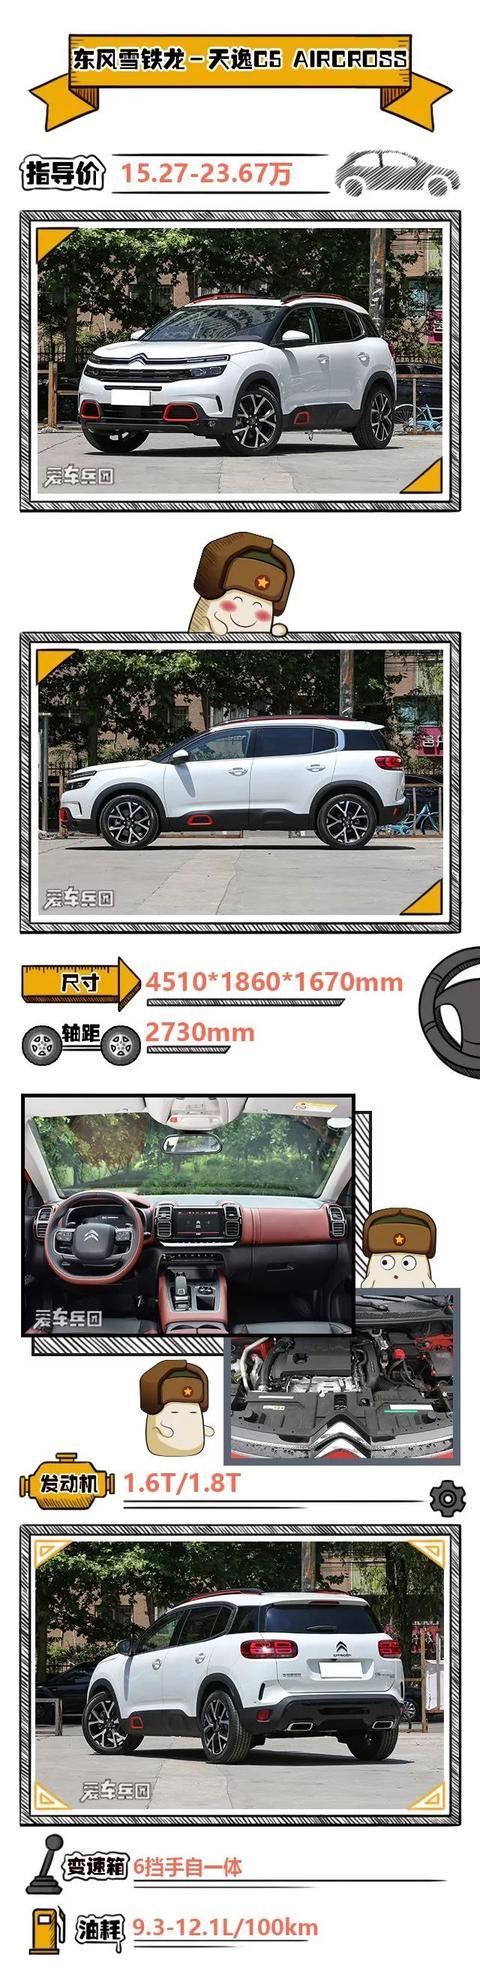 这几款合资紧凑型SUV的操控性分分钟秒杀同价位轿车